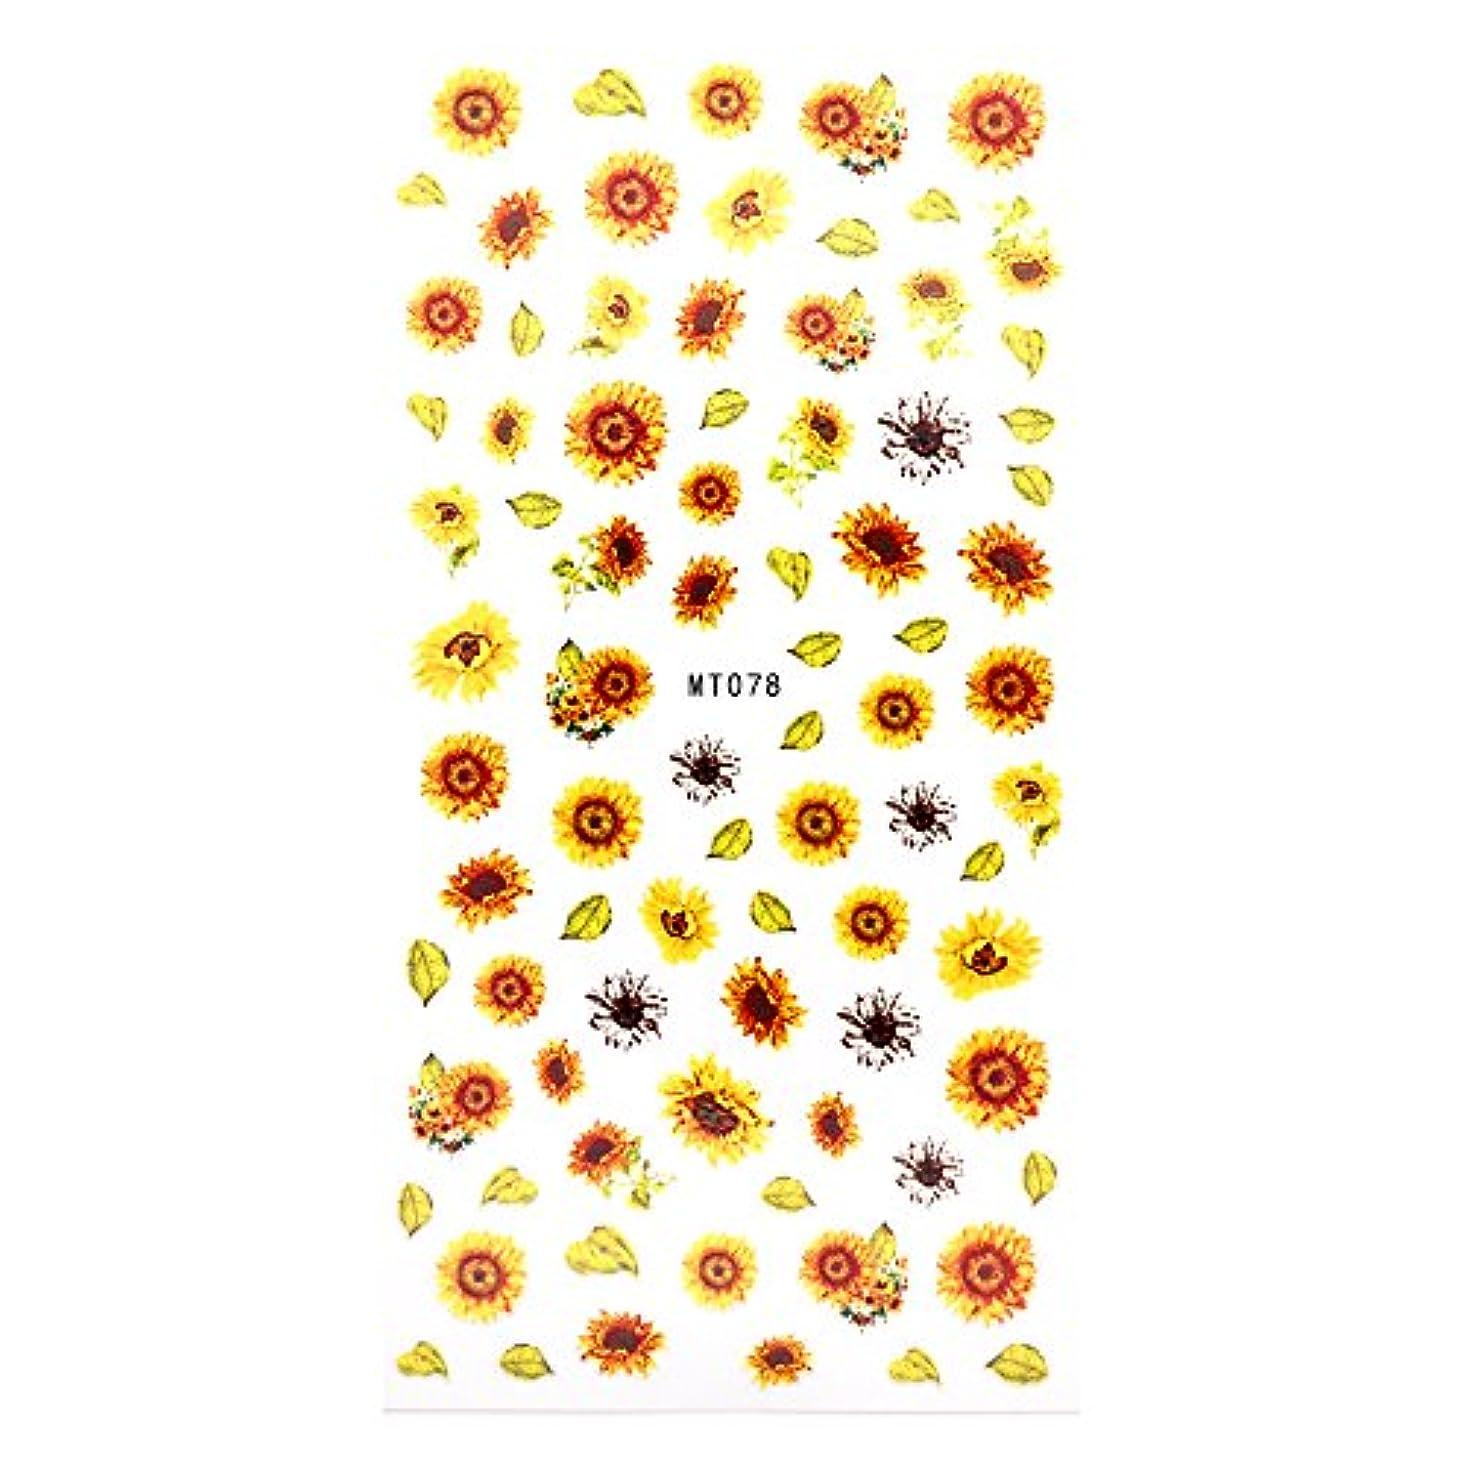 十億オーディション洞察力のあるirogel イロジェル ソレイユフルール ヒマワリ フラワー ネイルシール 【MT078】